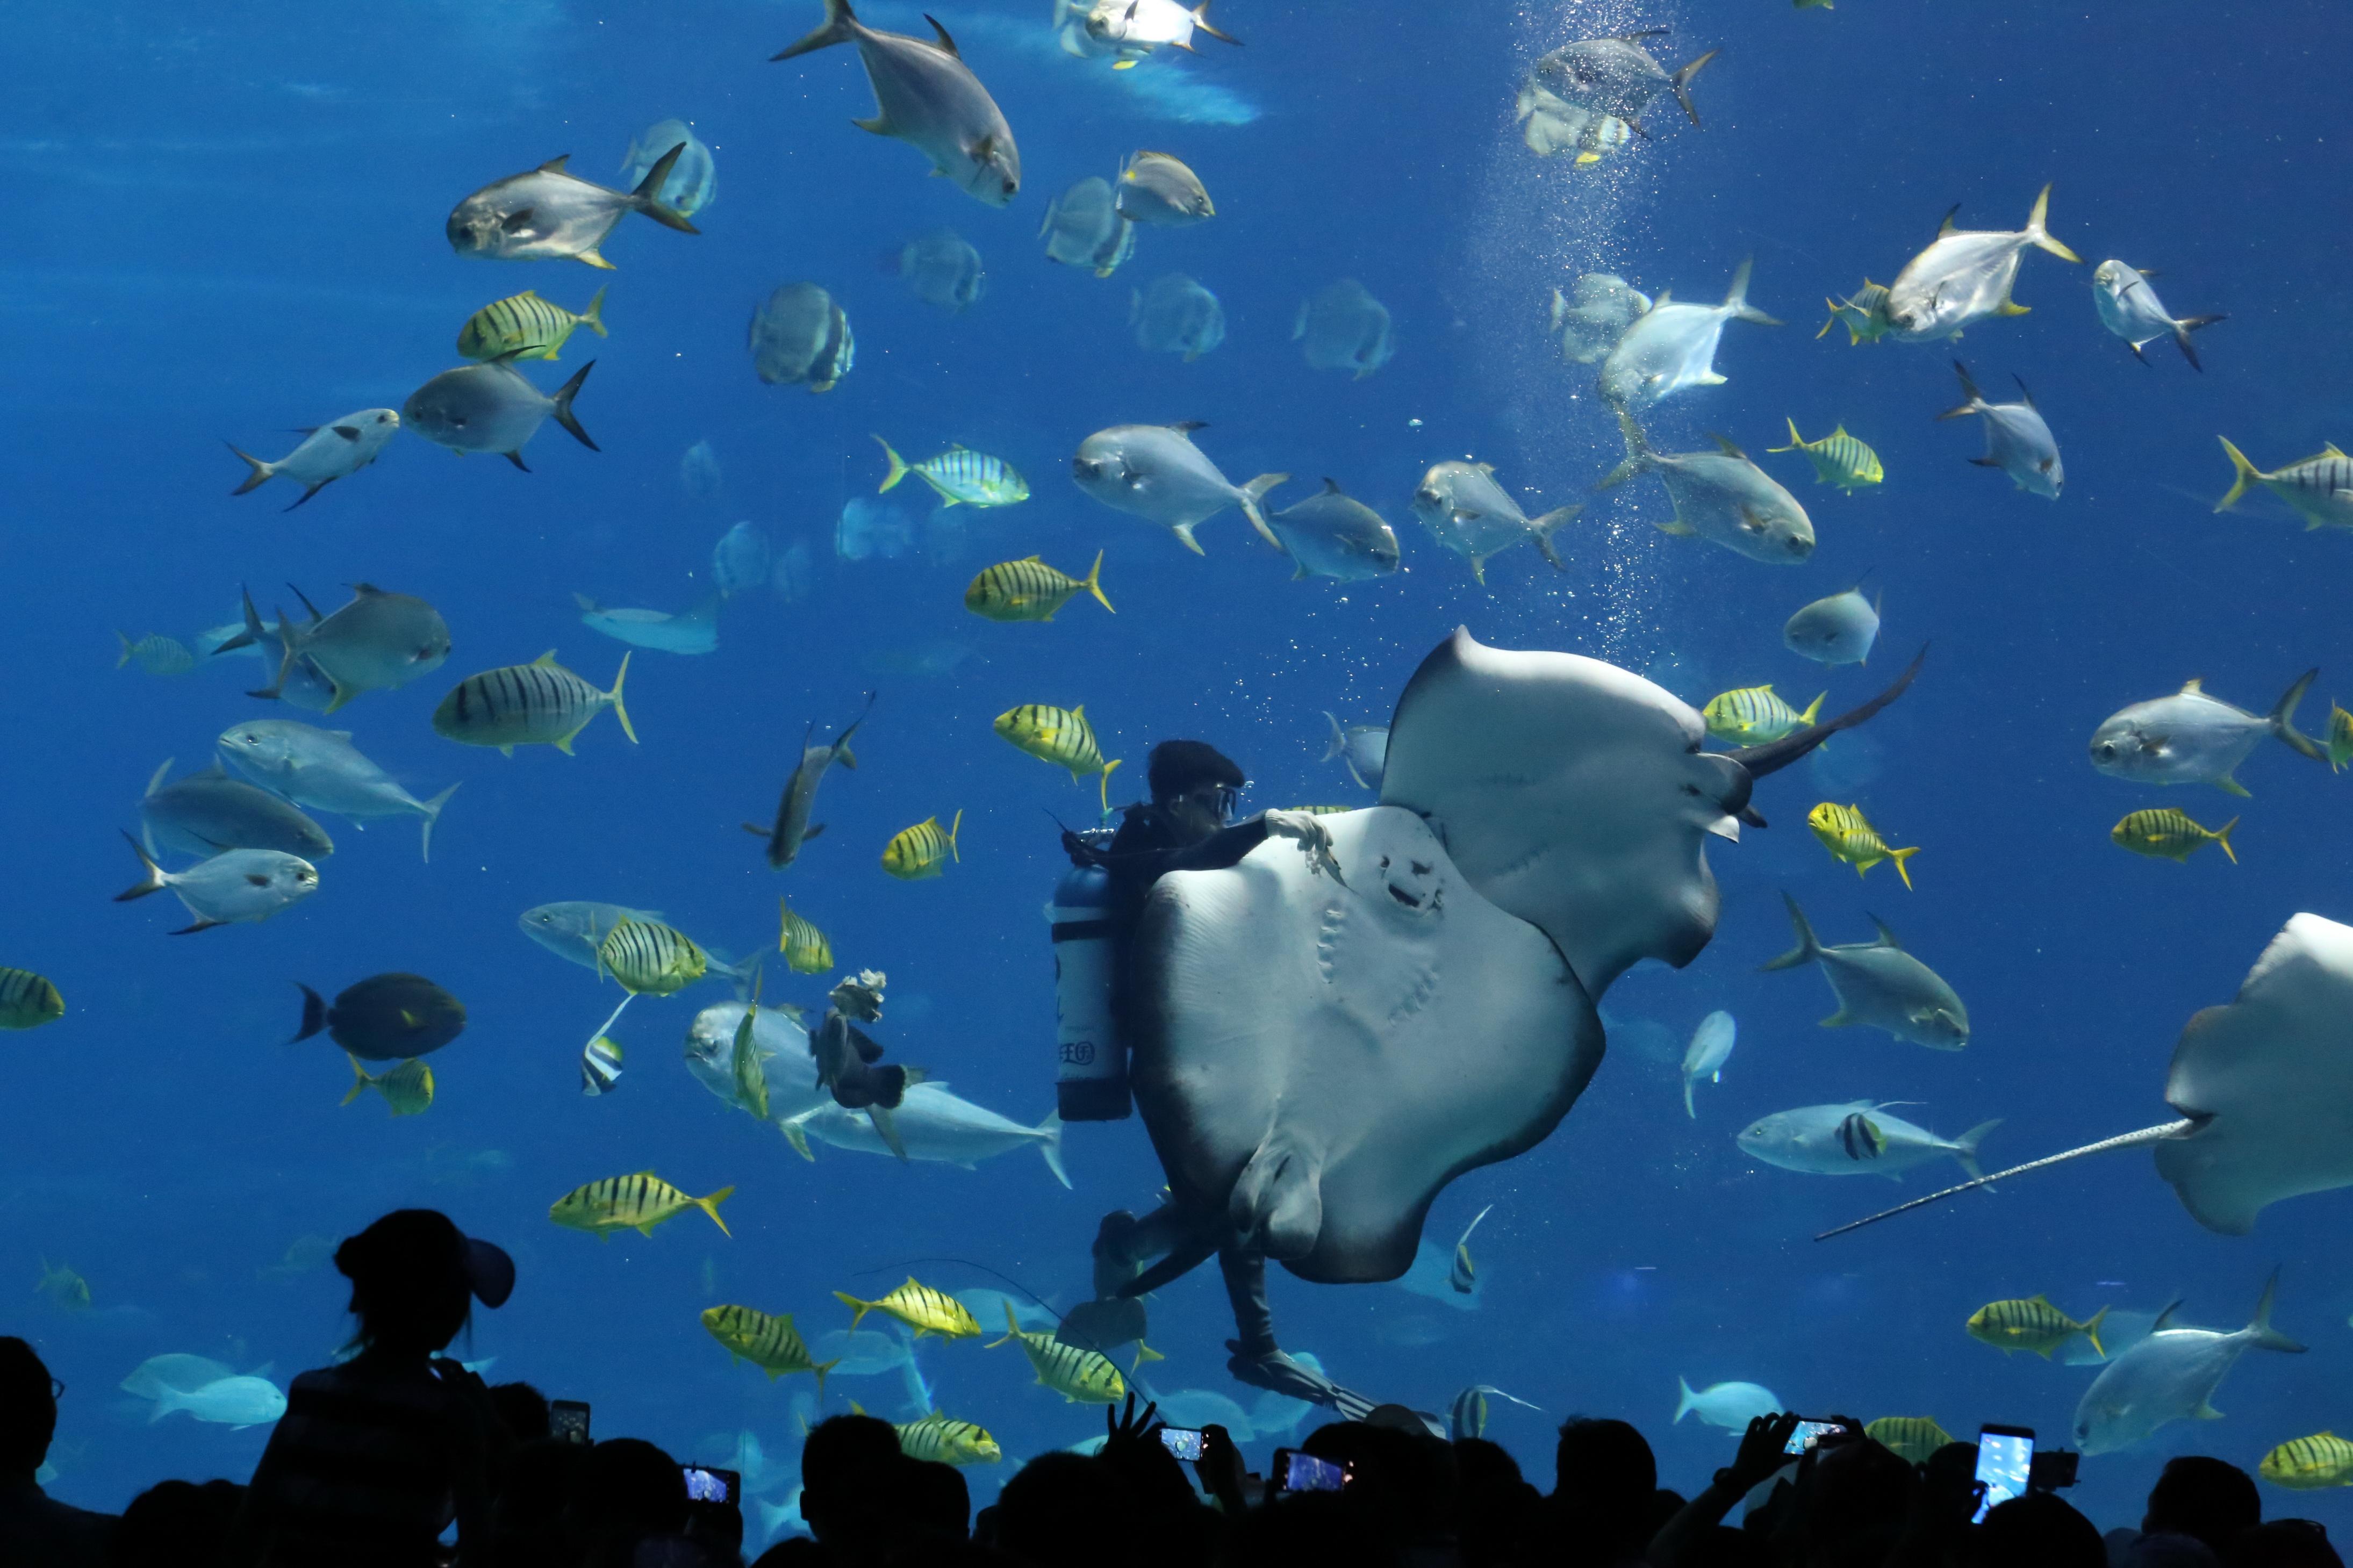 壁纸 海底 海底世界 海洋馆